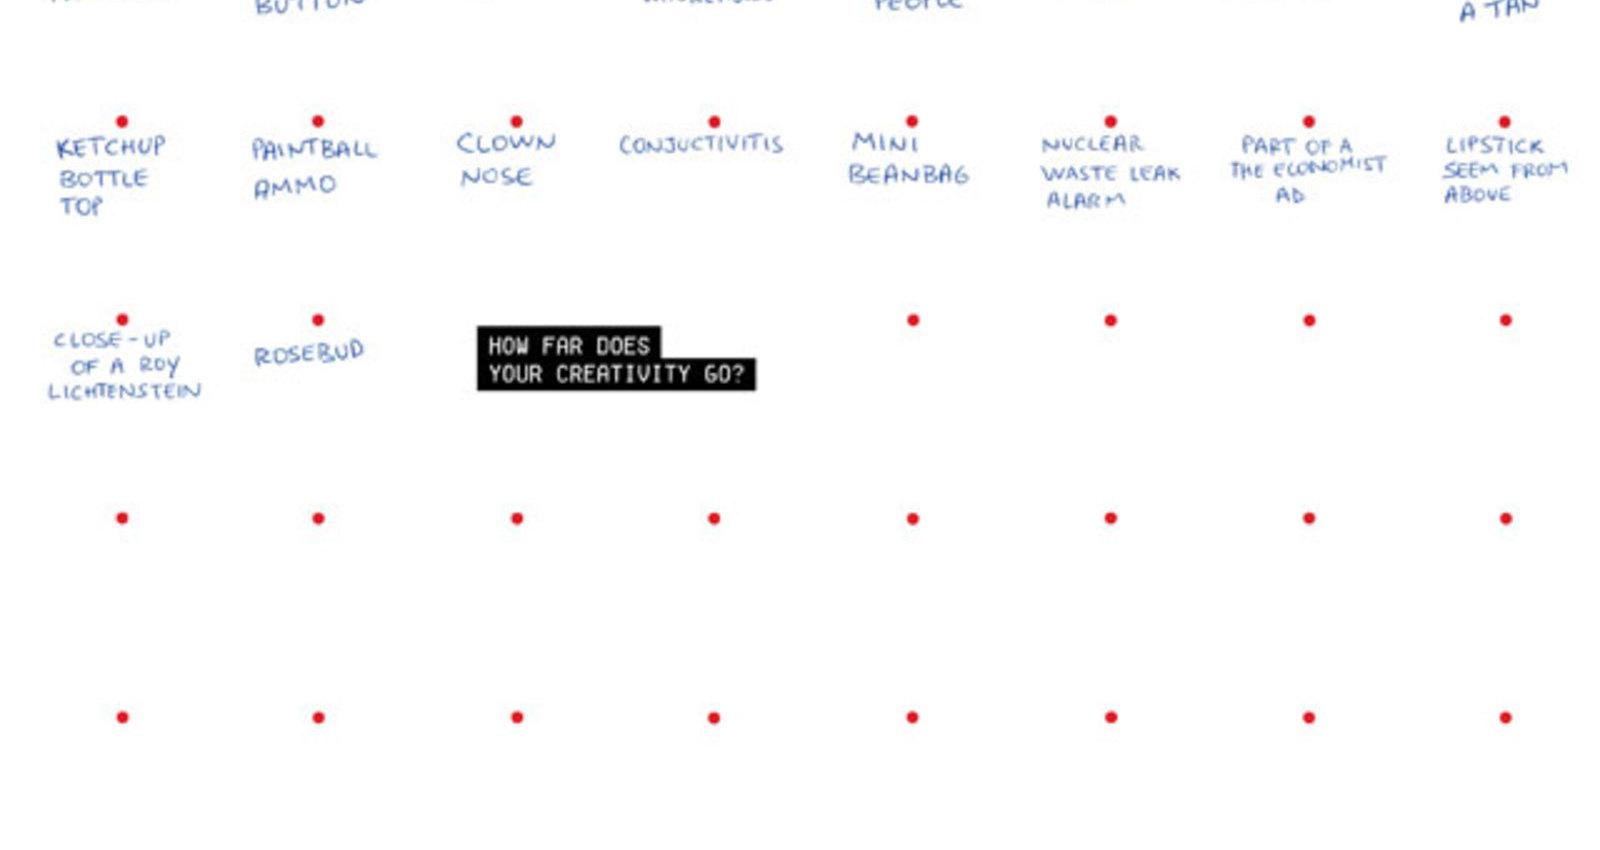 How far does your creativity go?